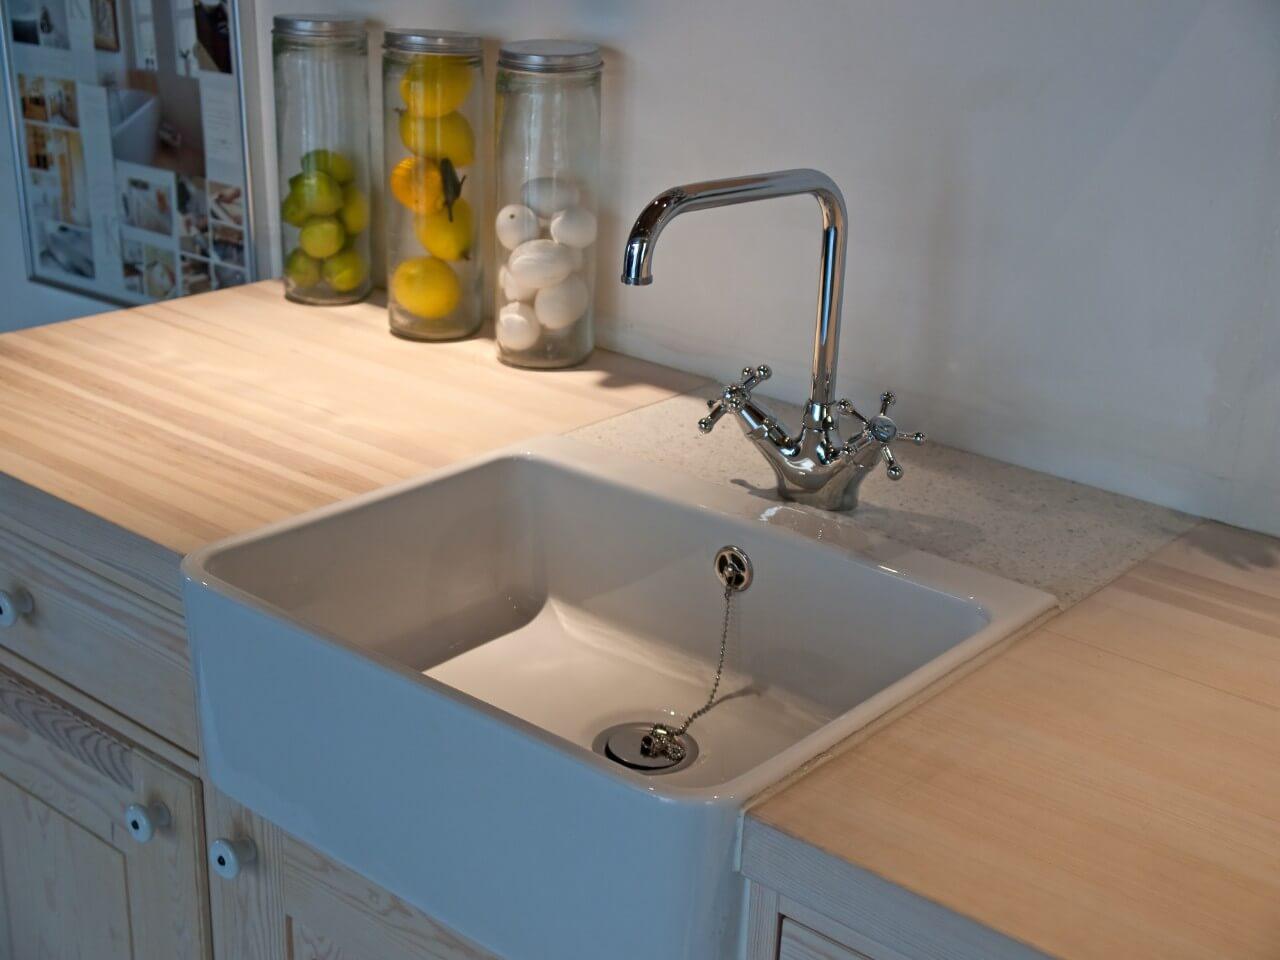 empty clean kitchen sink